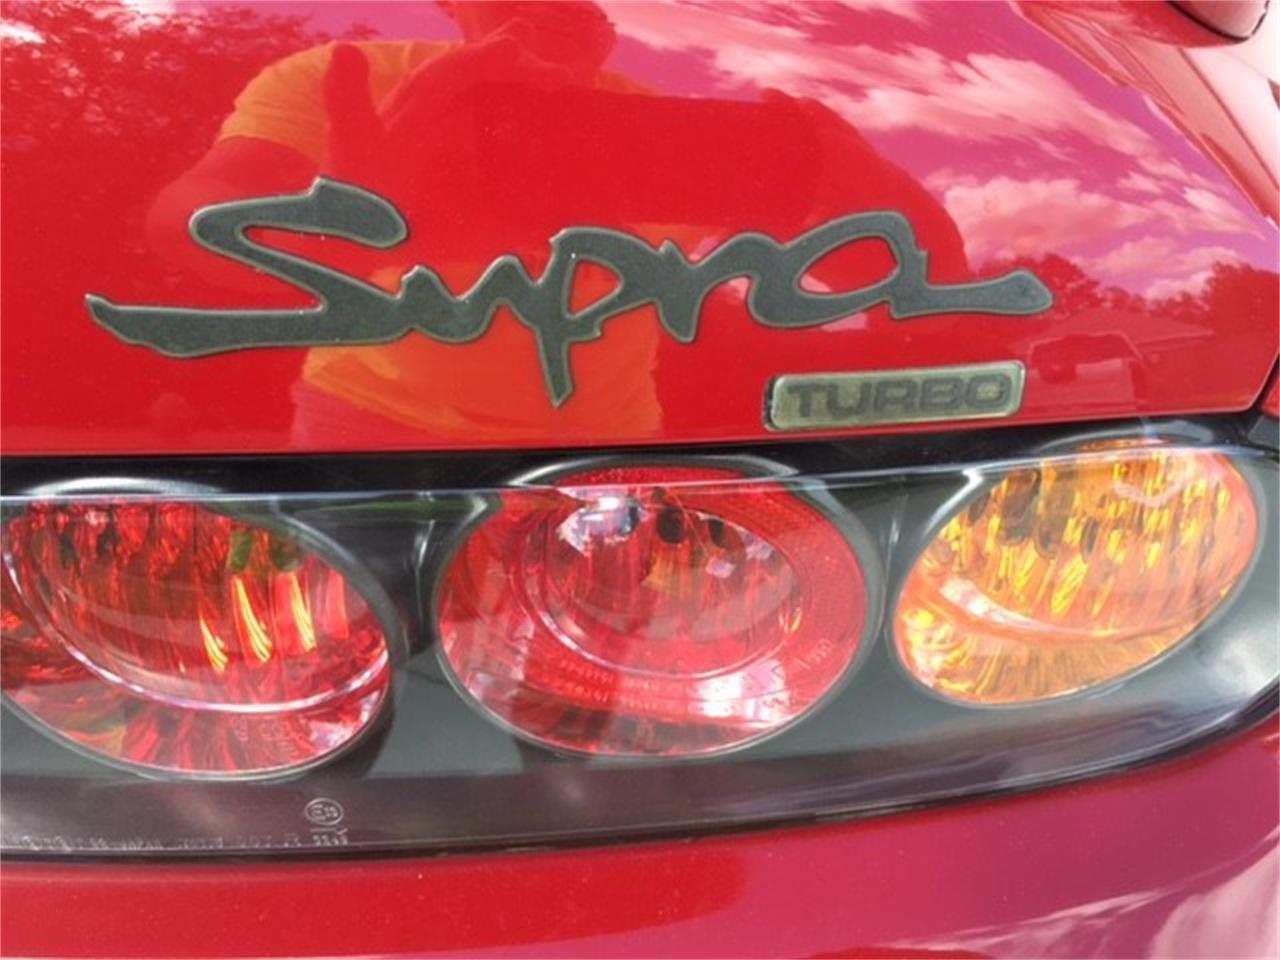 turbo-Logo an Supras, die durch Toyota Southeast Händler ausgeliefert wurden